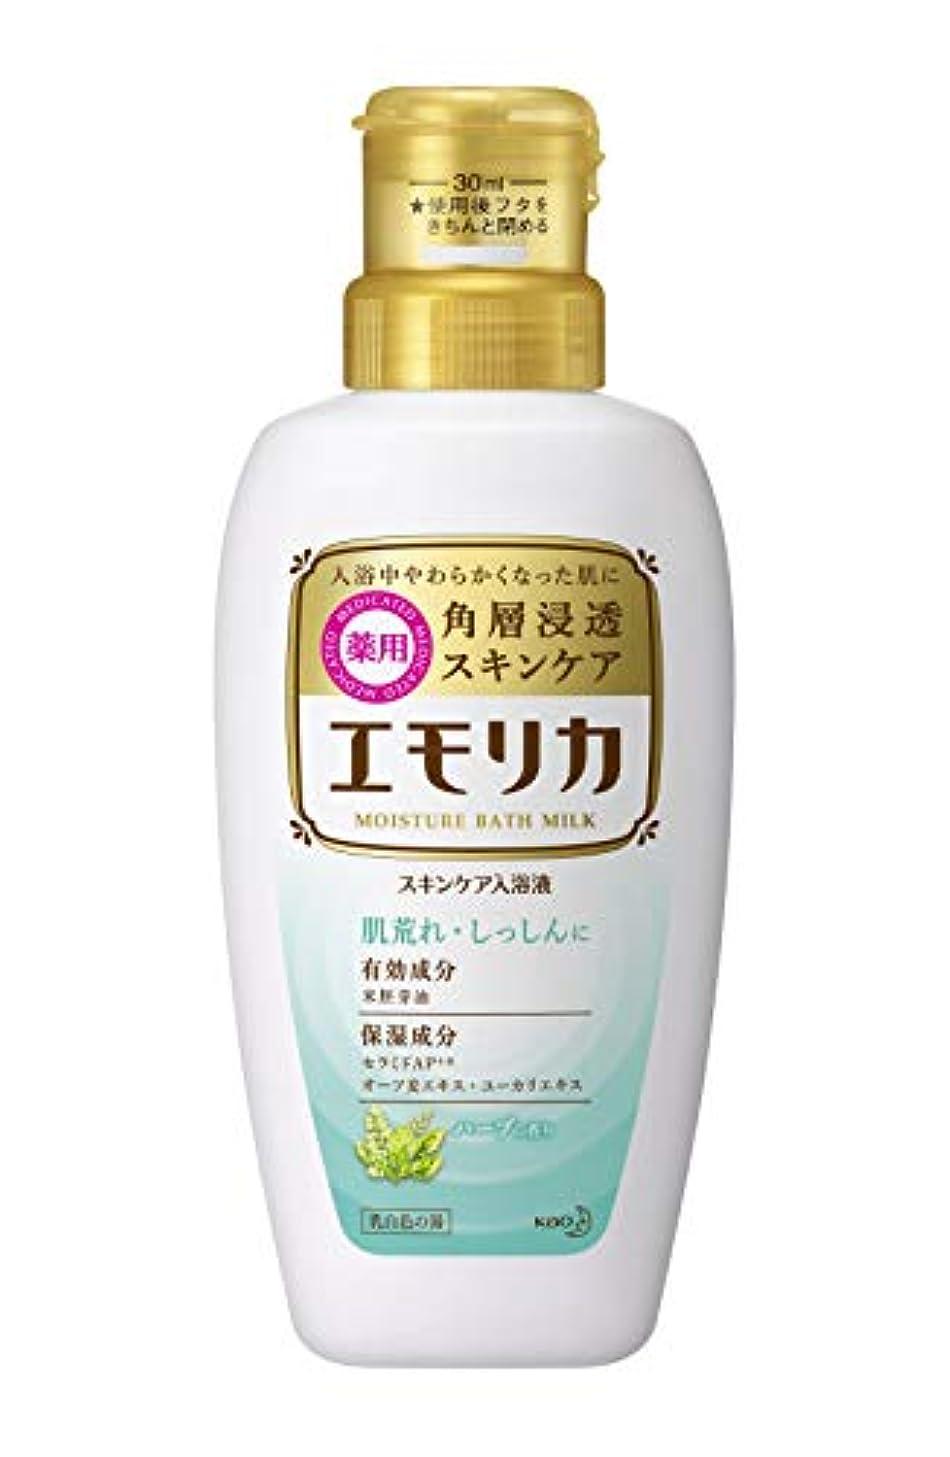 期限人形火傷エモリカ 薬用スキンケア入浴液 ハーブの香り 本体 450ml 液体 入浴剤 (赤ちゃんにも使えます)